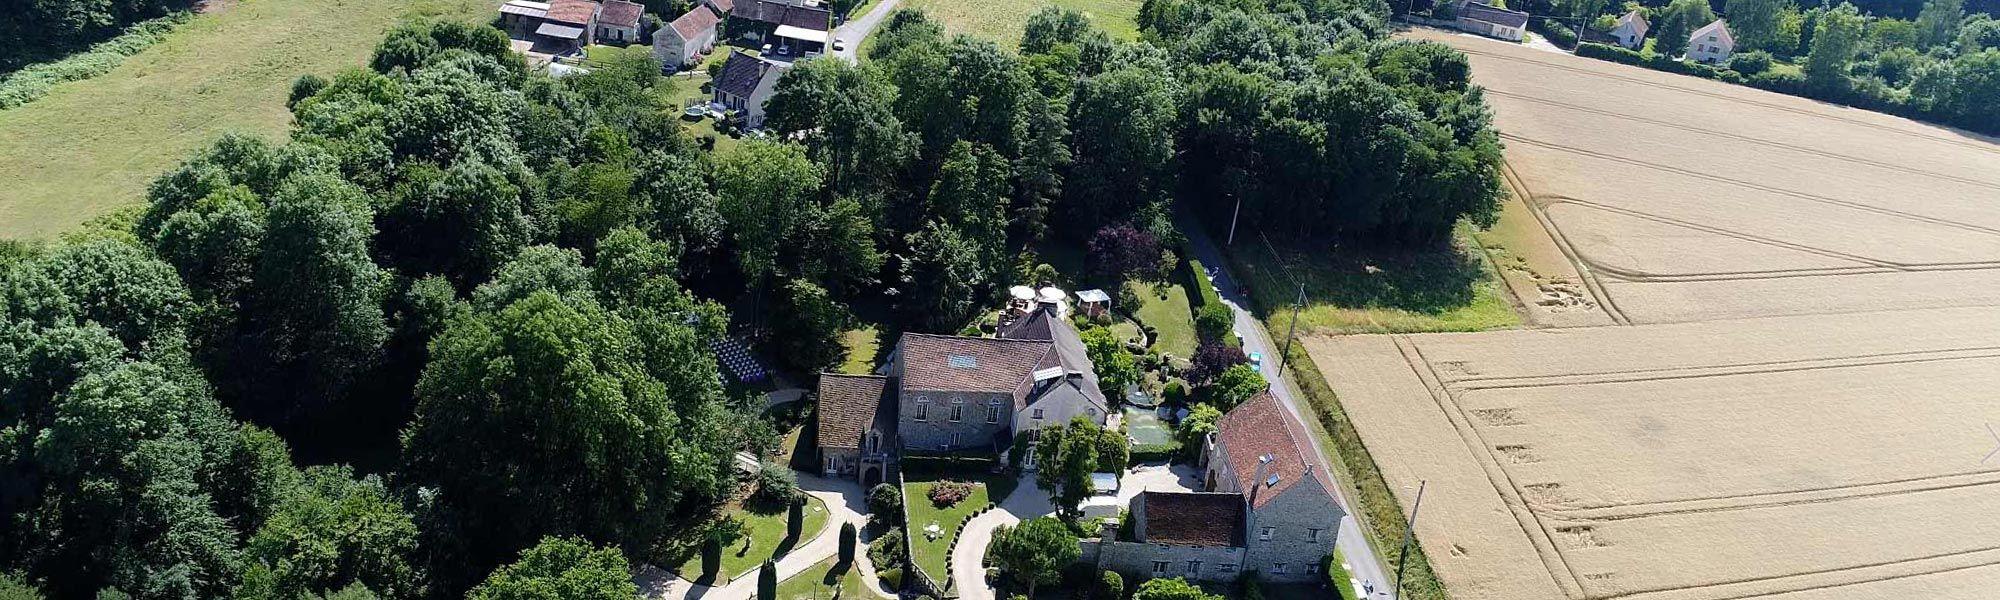 Location salle de mariage à Coulommiers